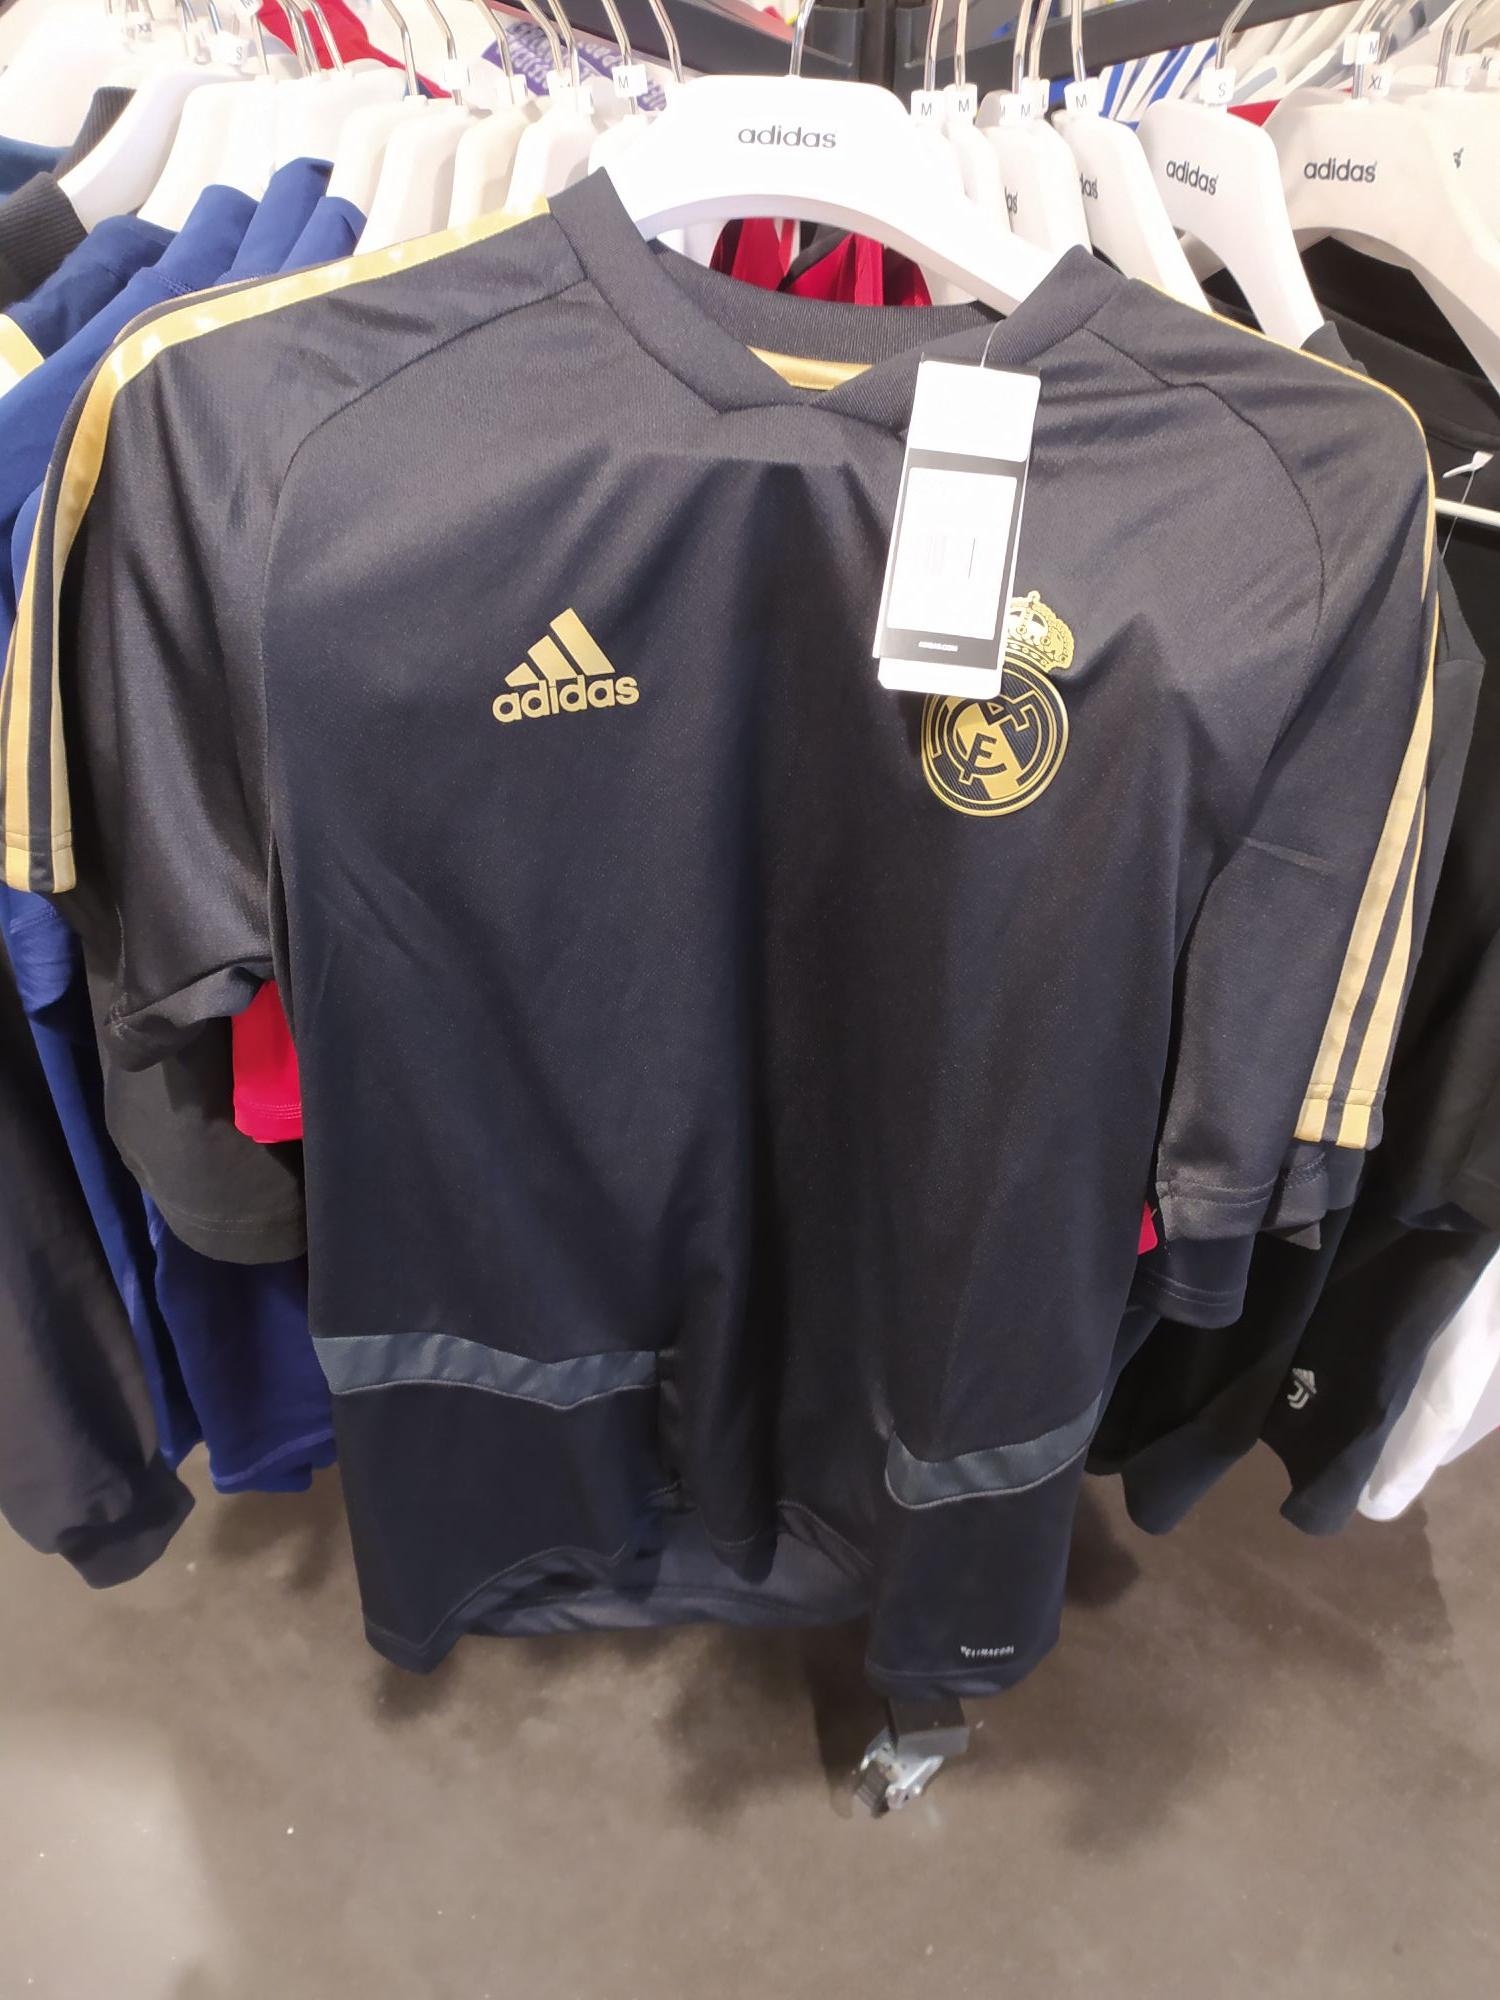 Camisetas de futbol tienda Adidas (Camas)